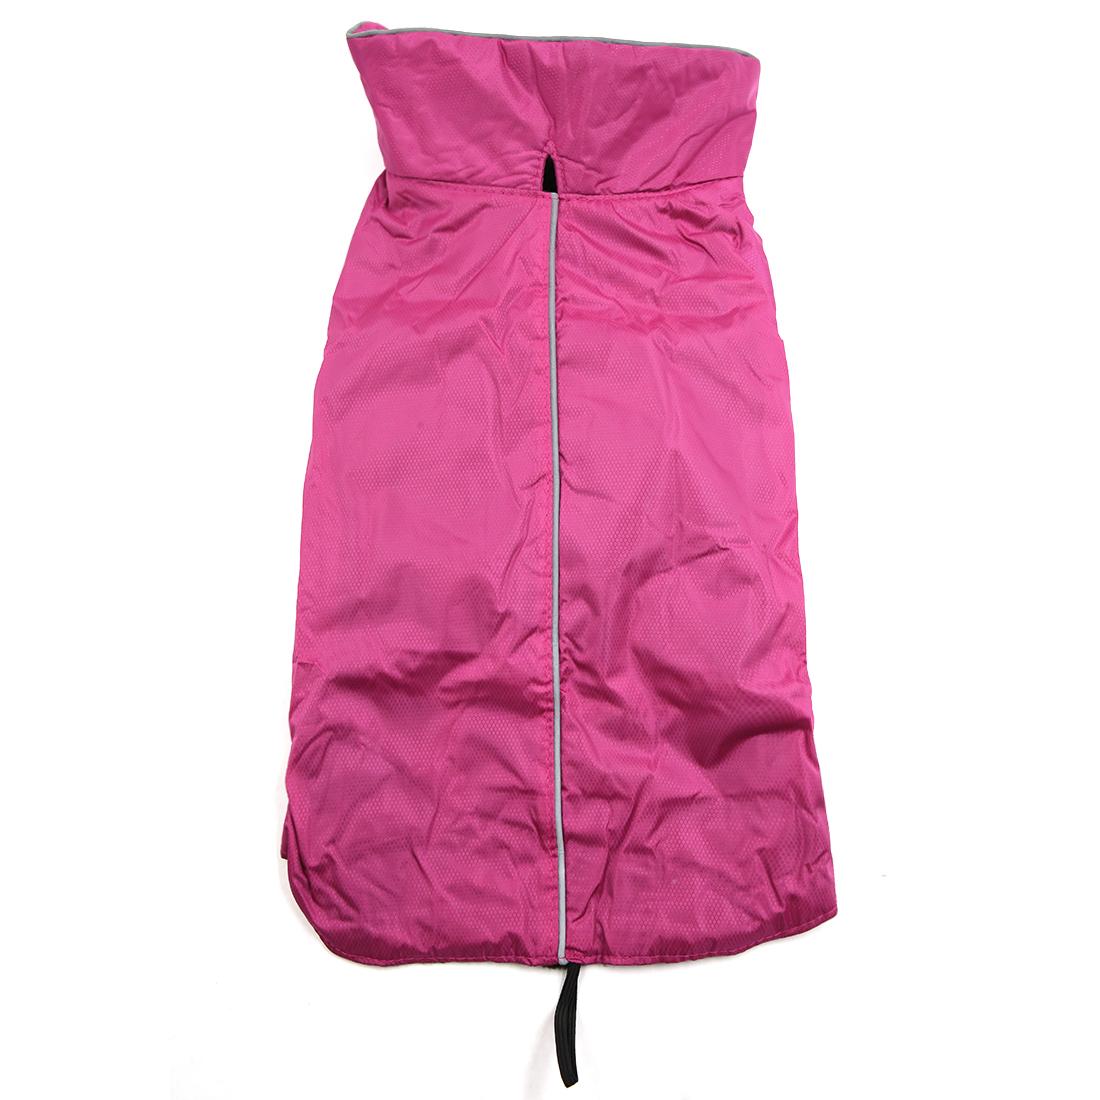 Reflective Waterproof Dog Vest Jacket Clothes Soft Warm Fleece Lining Dog Coat Clothing Rose XXL